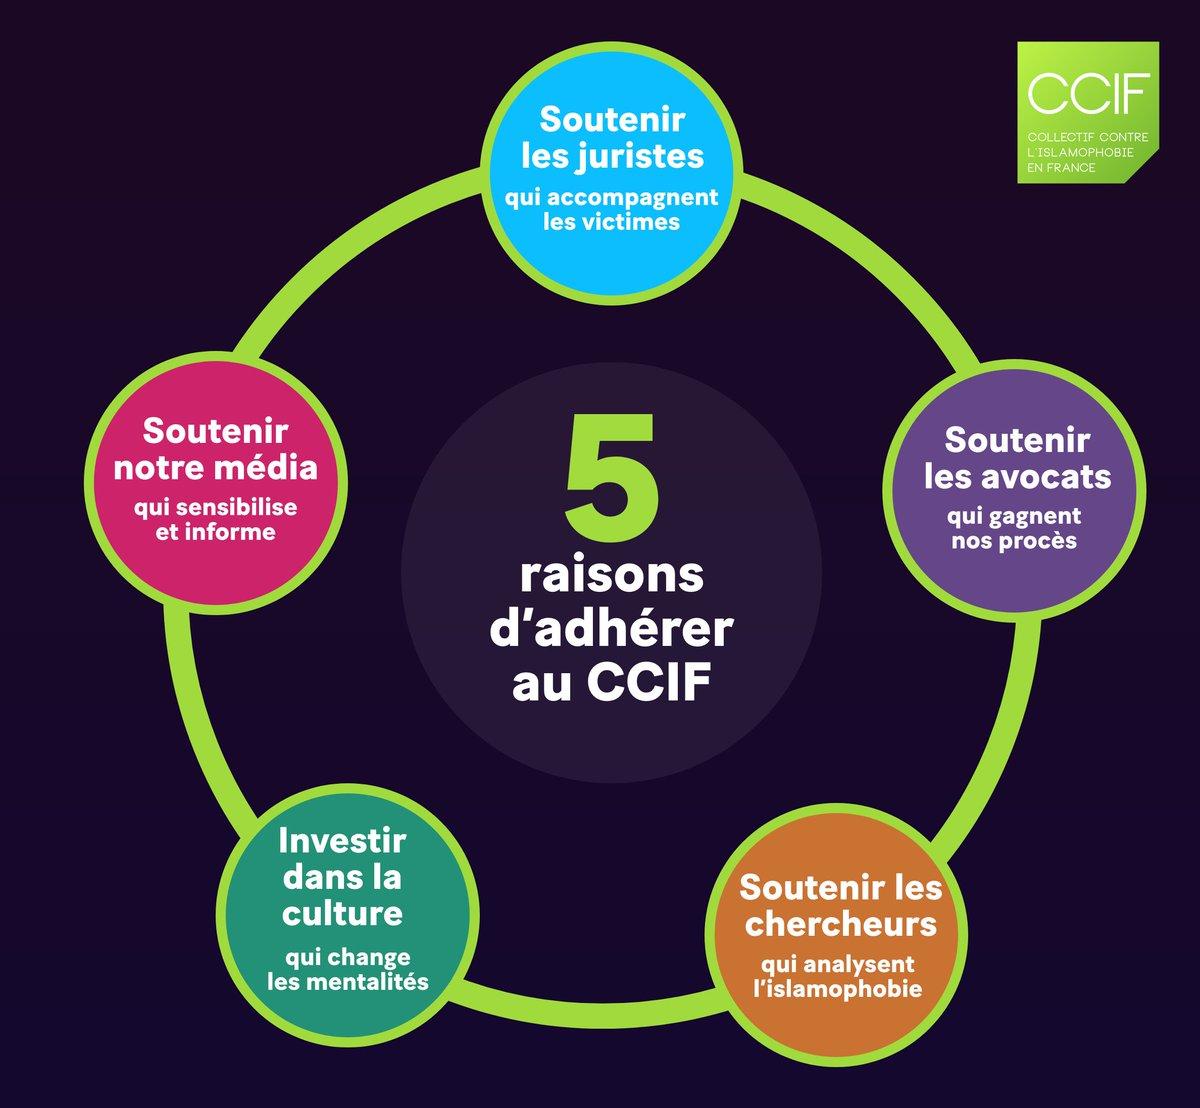 Pour faire reculer lislamophobie, le CCIF travaille sur plusieurs axes. Découvrez-les dans ce visuel. Adhérez pour renforcer notre lutte : agir.islamophobie.net